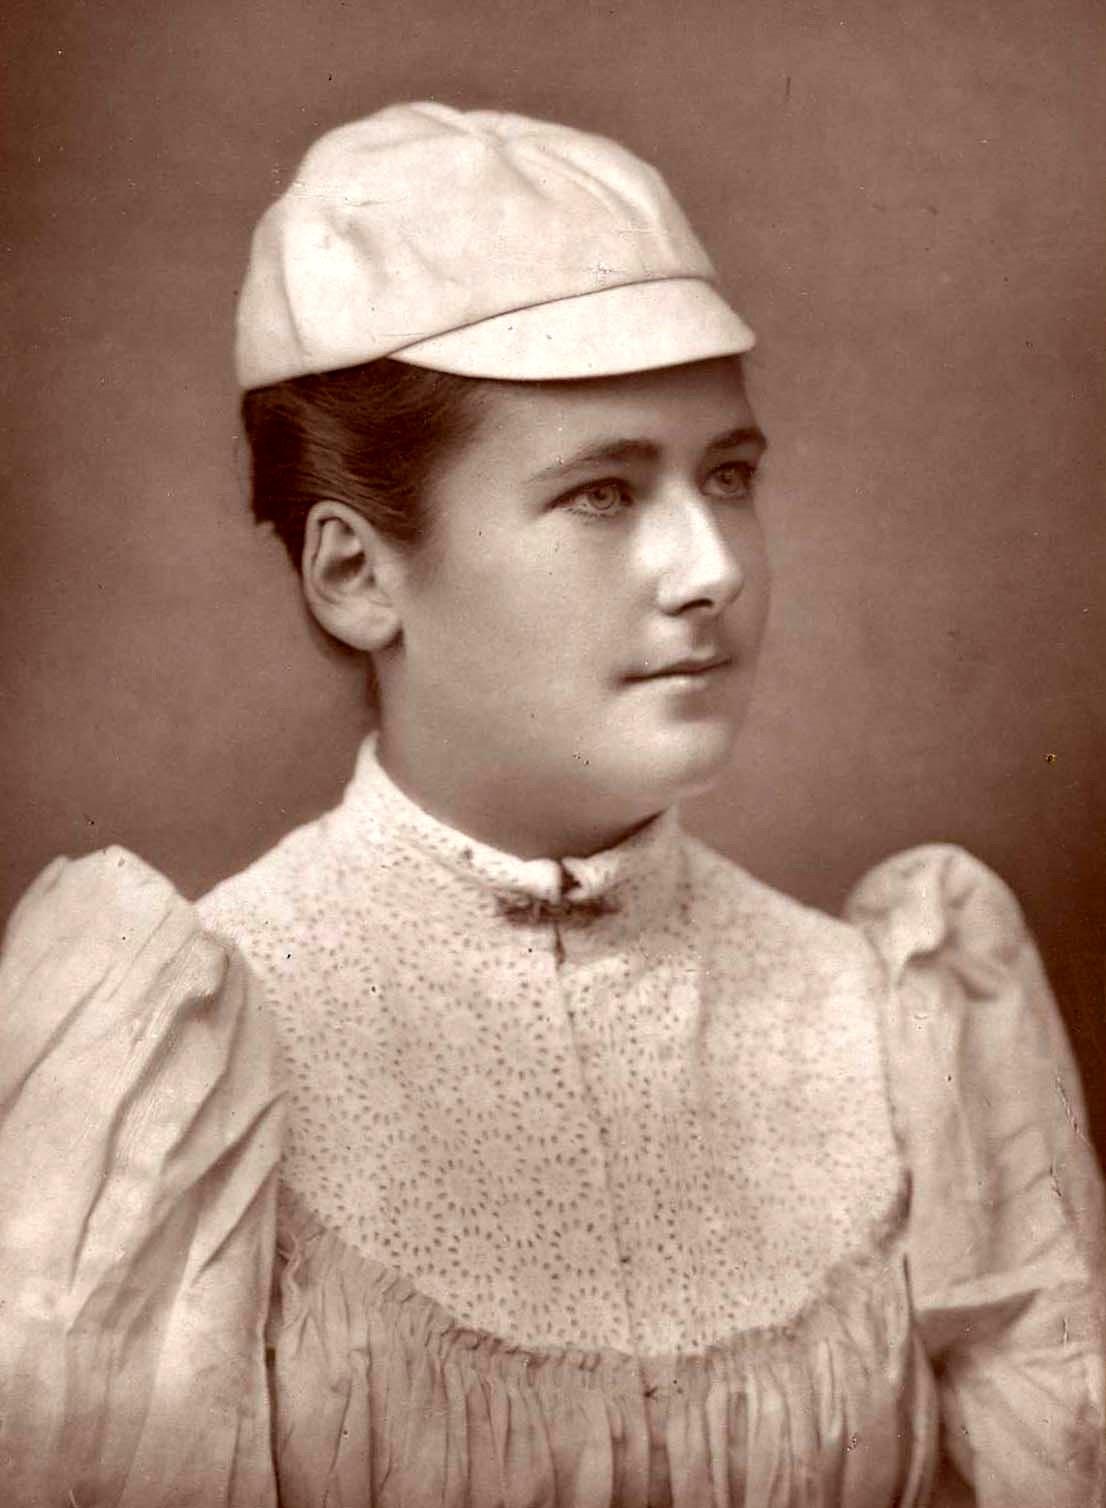 Lottie Dod